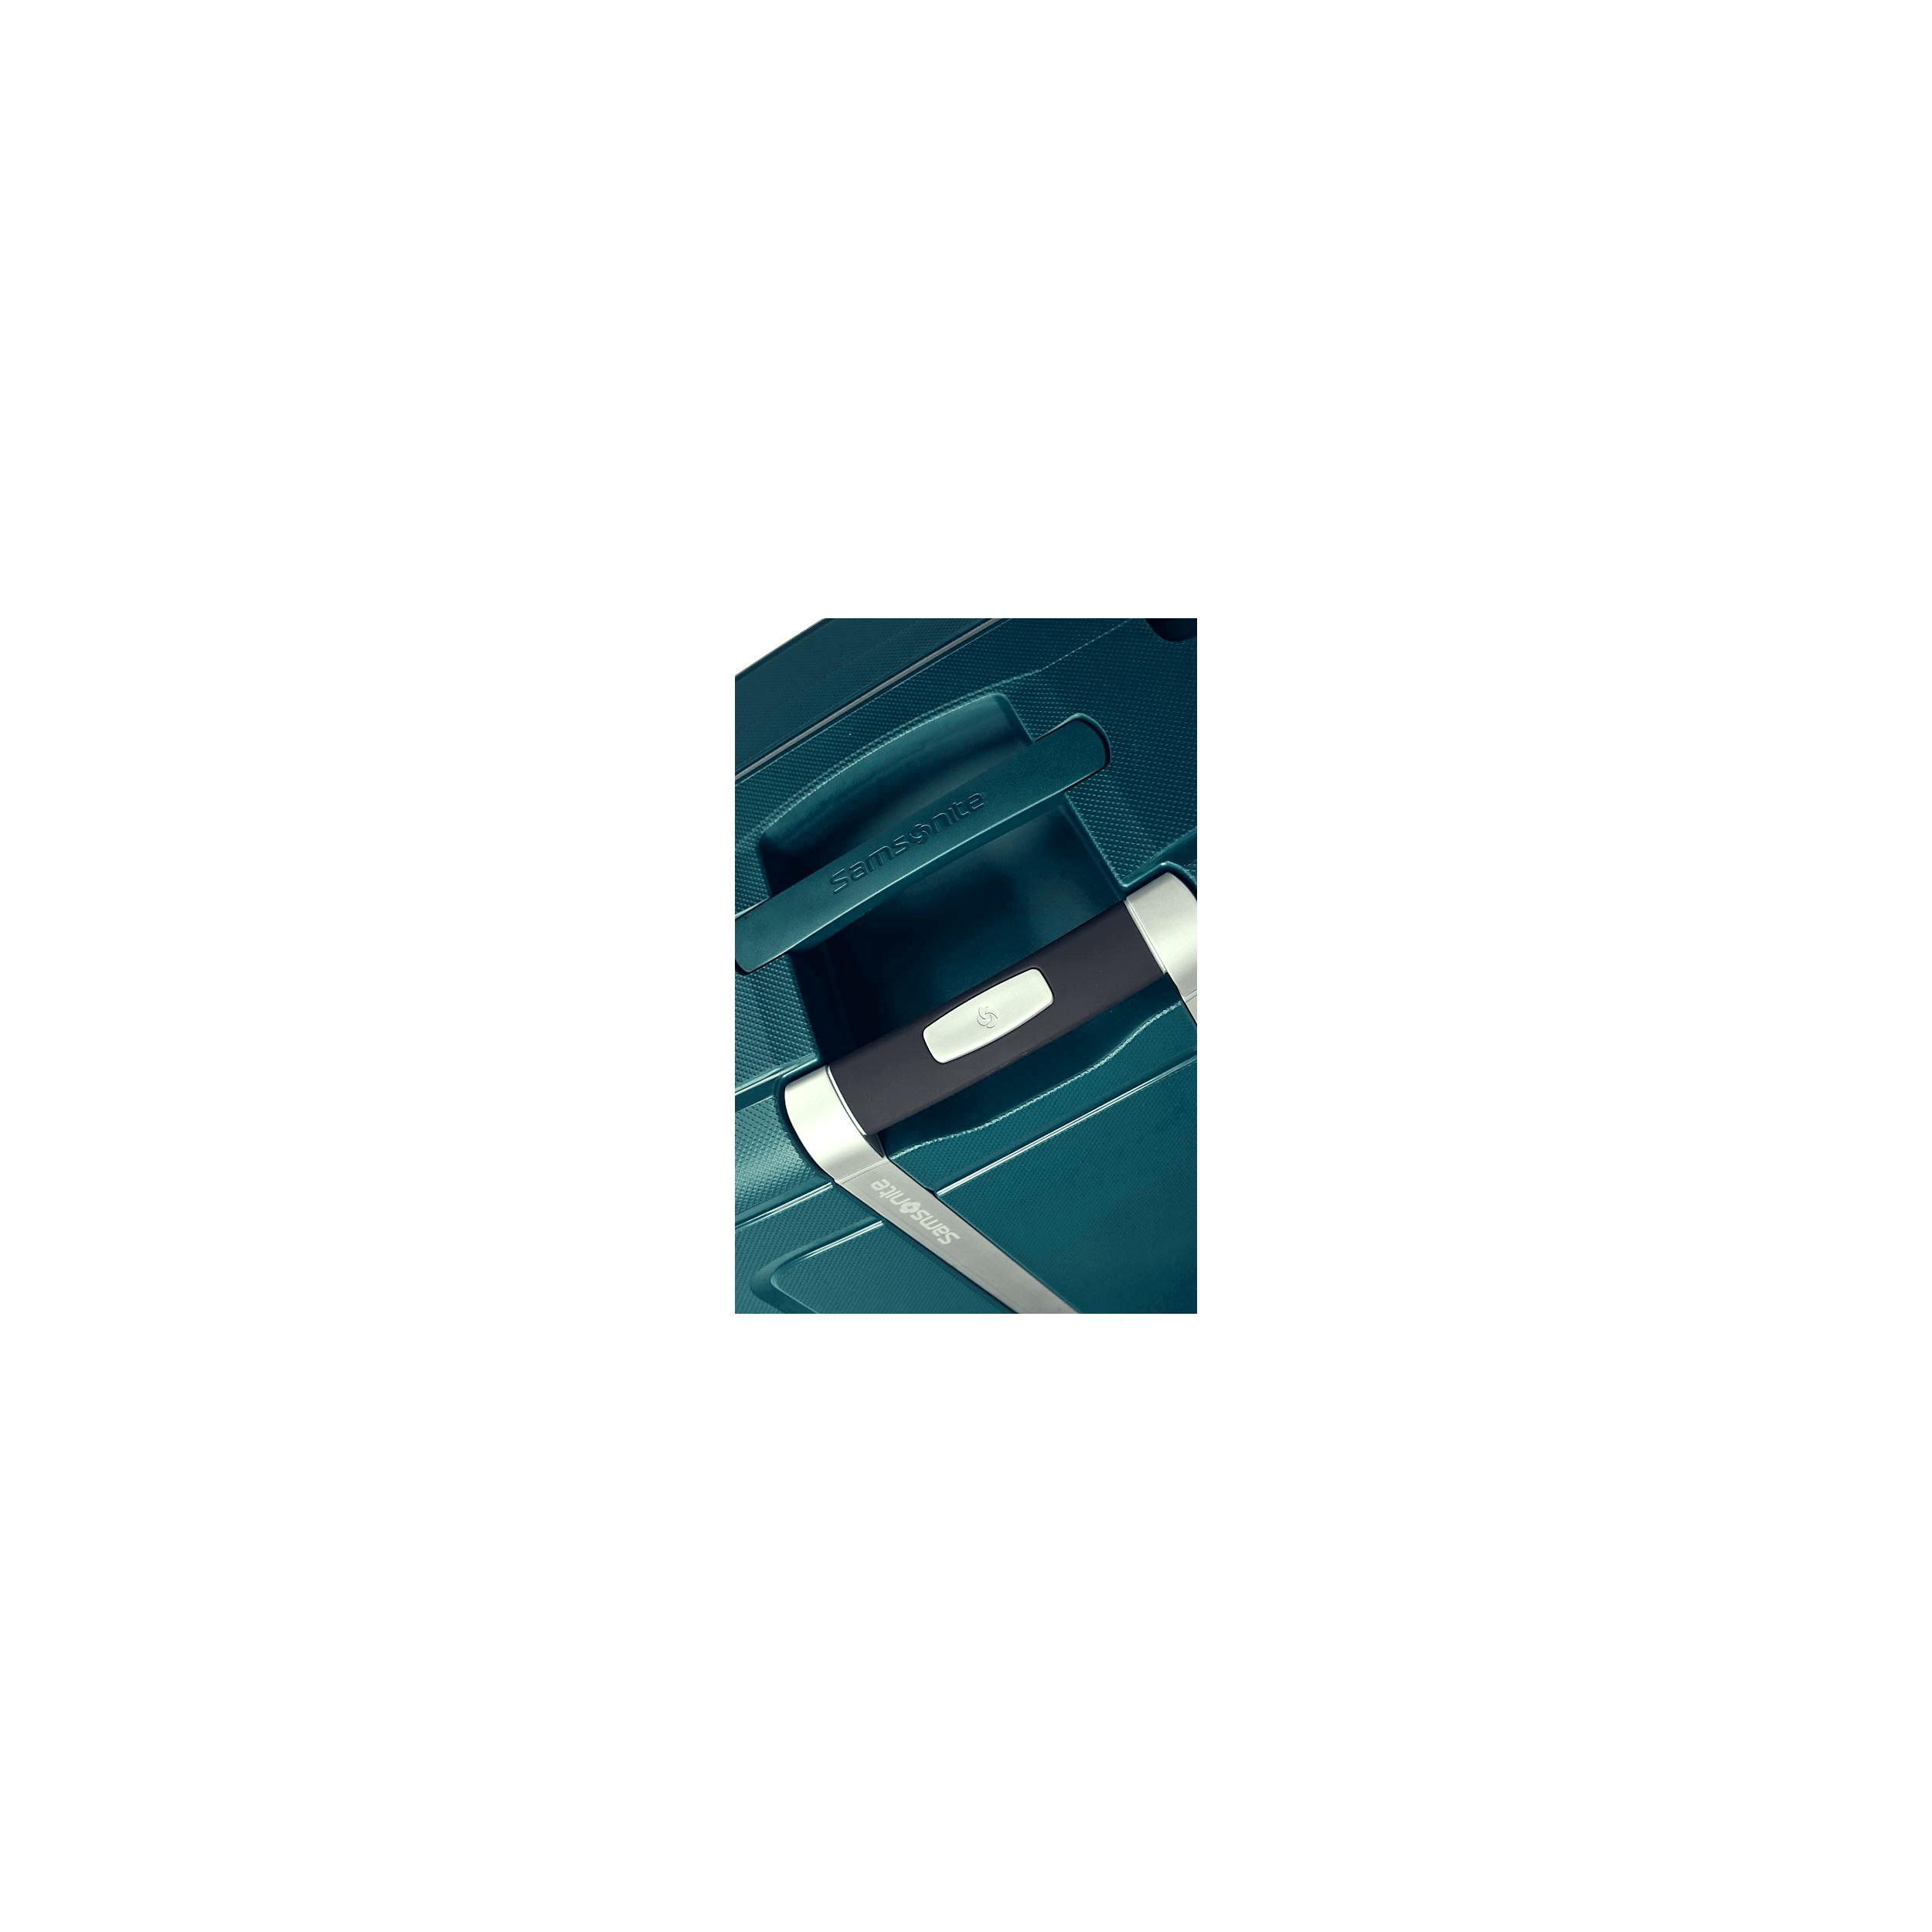 Spinner 75/28 mit 4 Rollen S'Cure DLX L 102 Liter